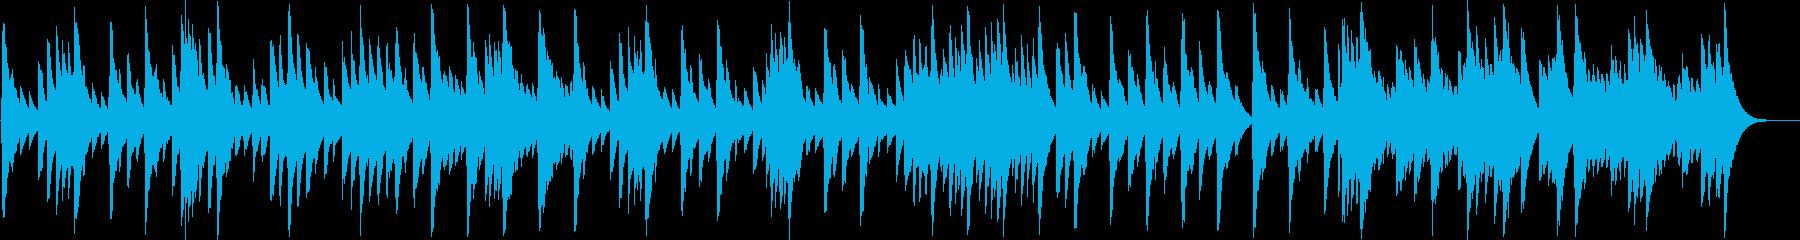 タイスの瞑想曲/マスネ(オルゴール)の再生済みの波形